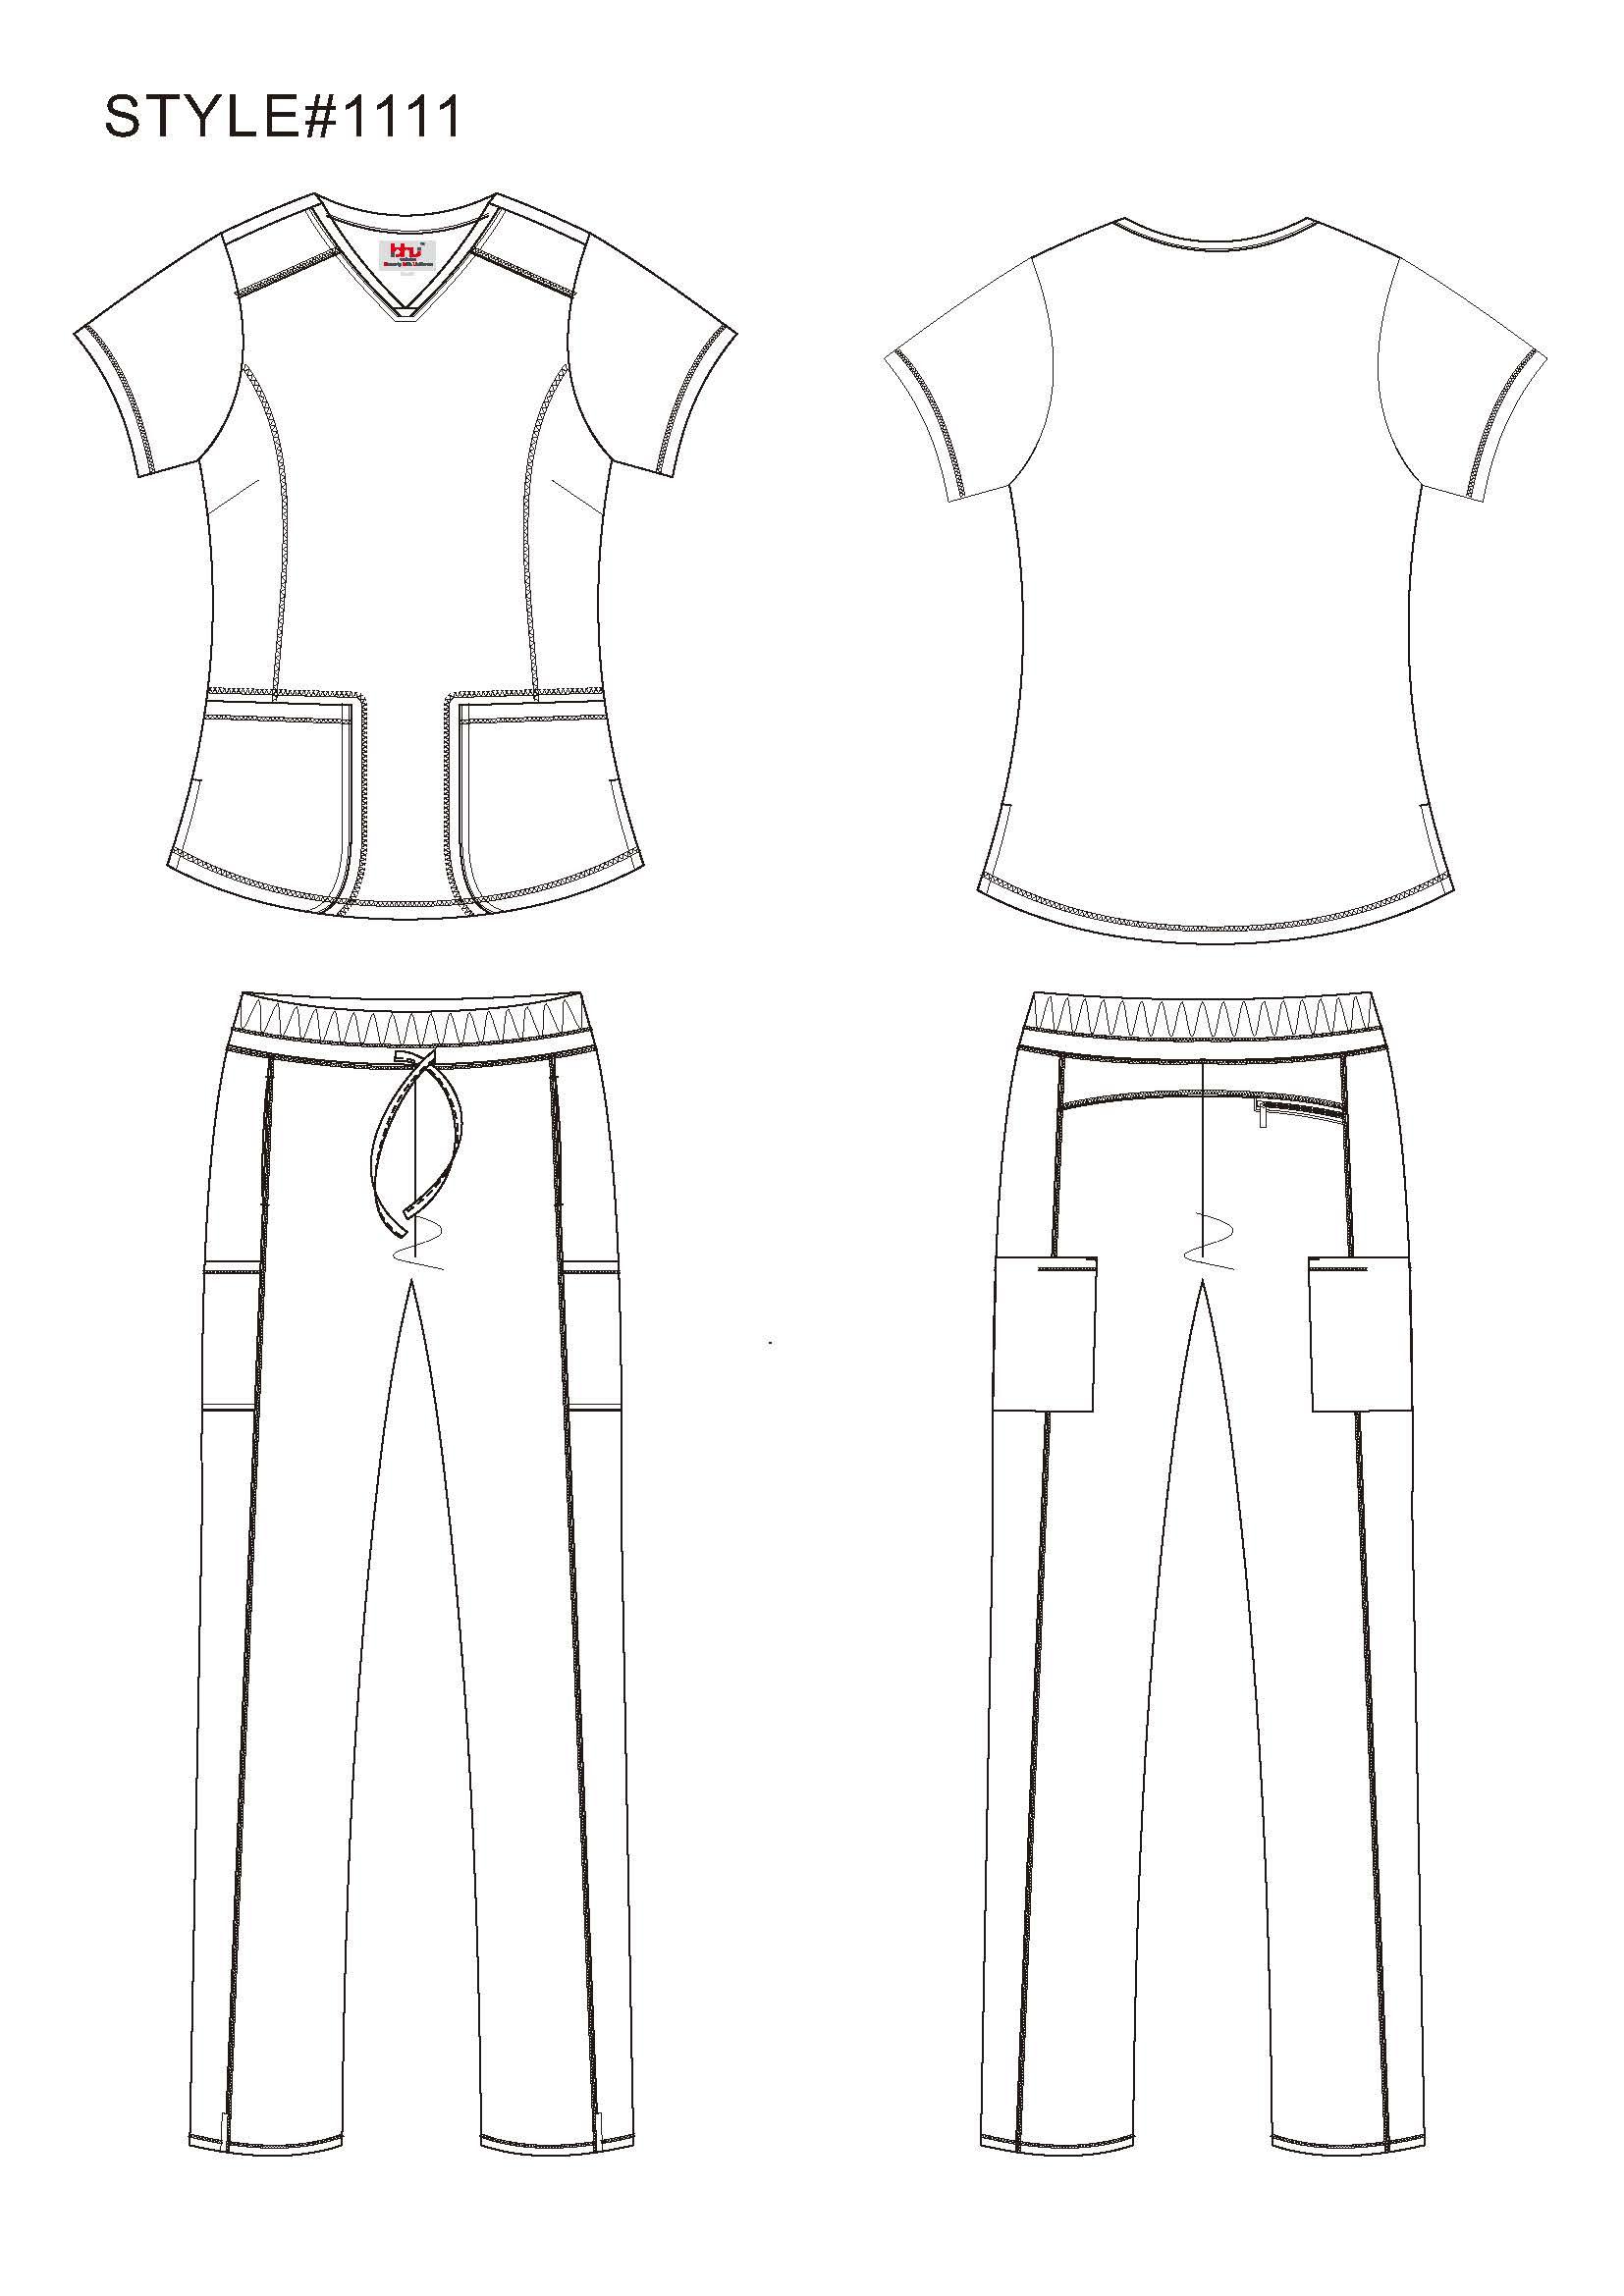 1111 sketch